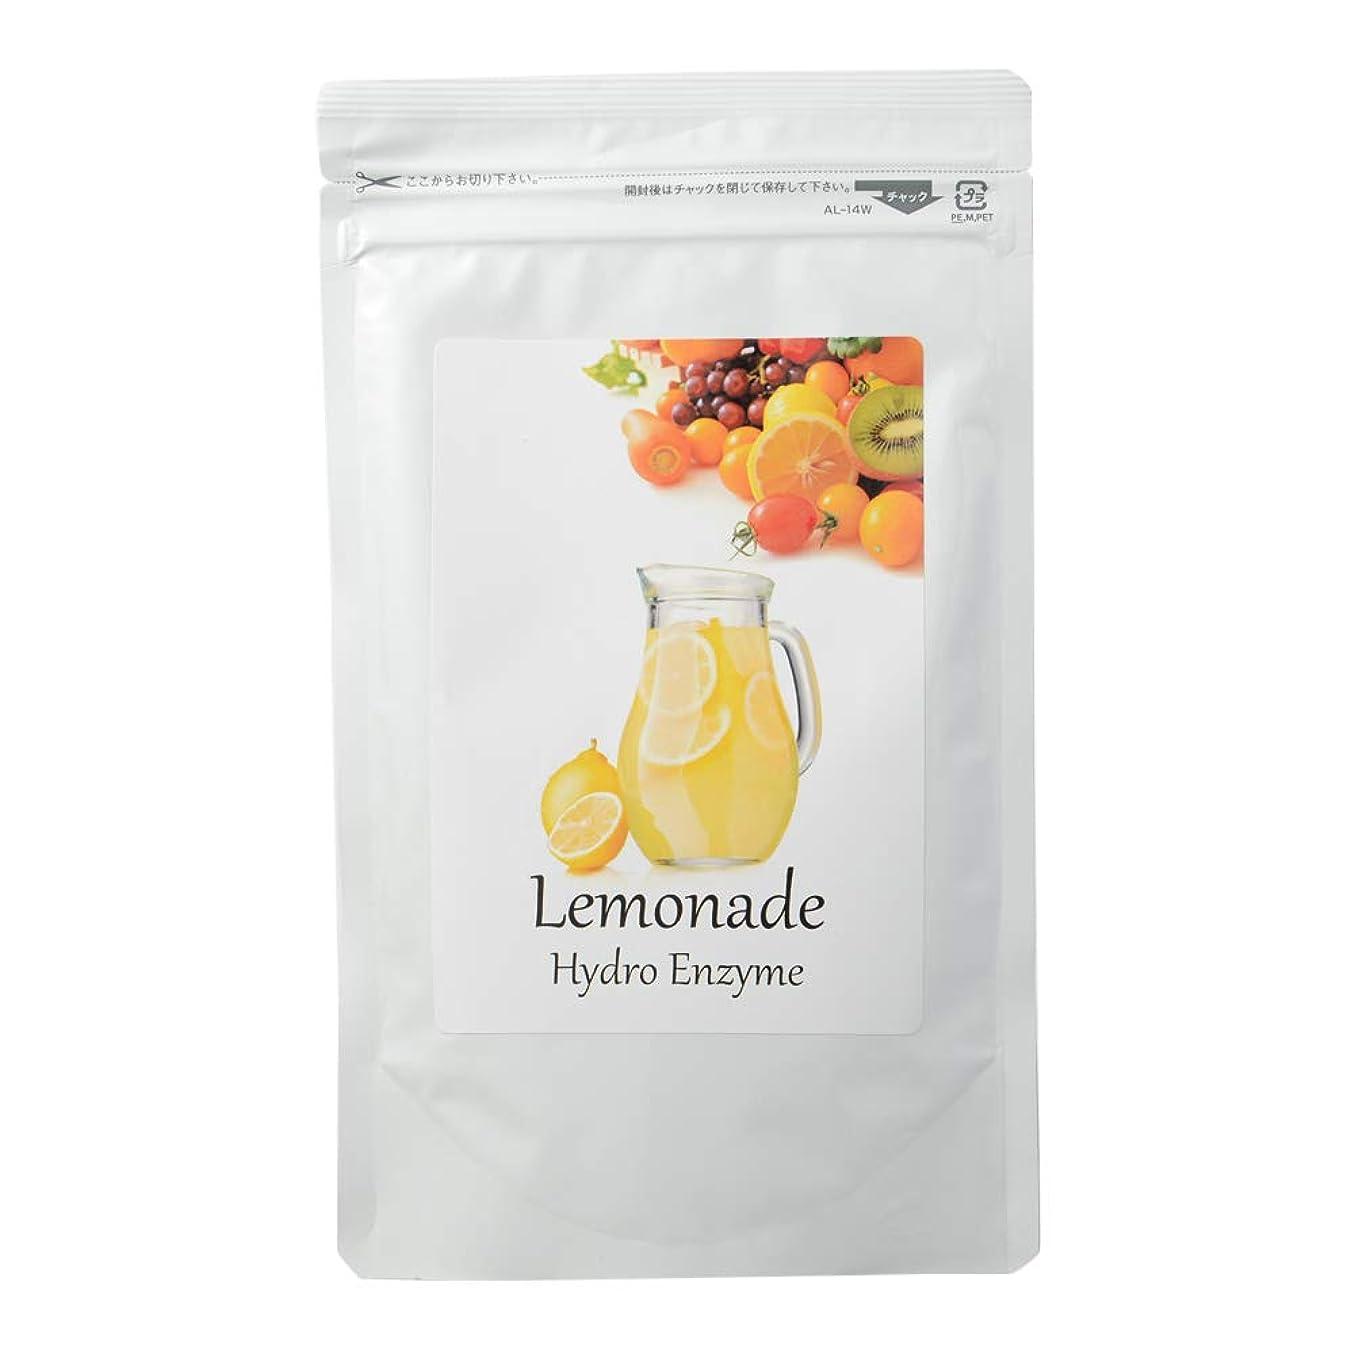 意見砂利誰かLemonade Hydro Enzyme (ダイエット ドリンク) レモネード 水素エンザイムダイエット 健康飲料 専用スプーン付 [内容量150g /説明書付き]